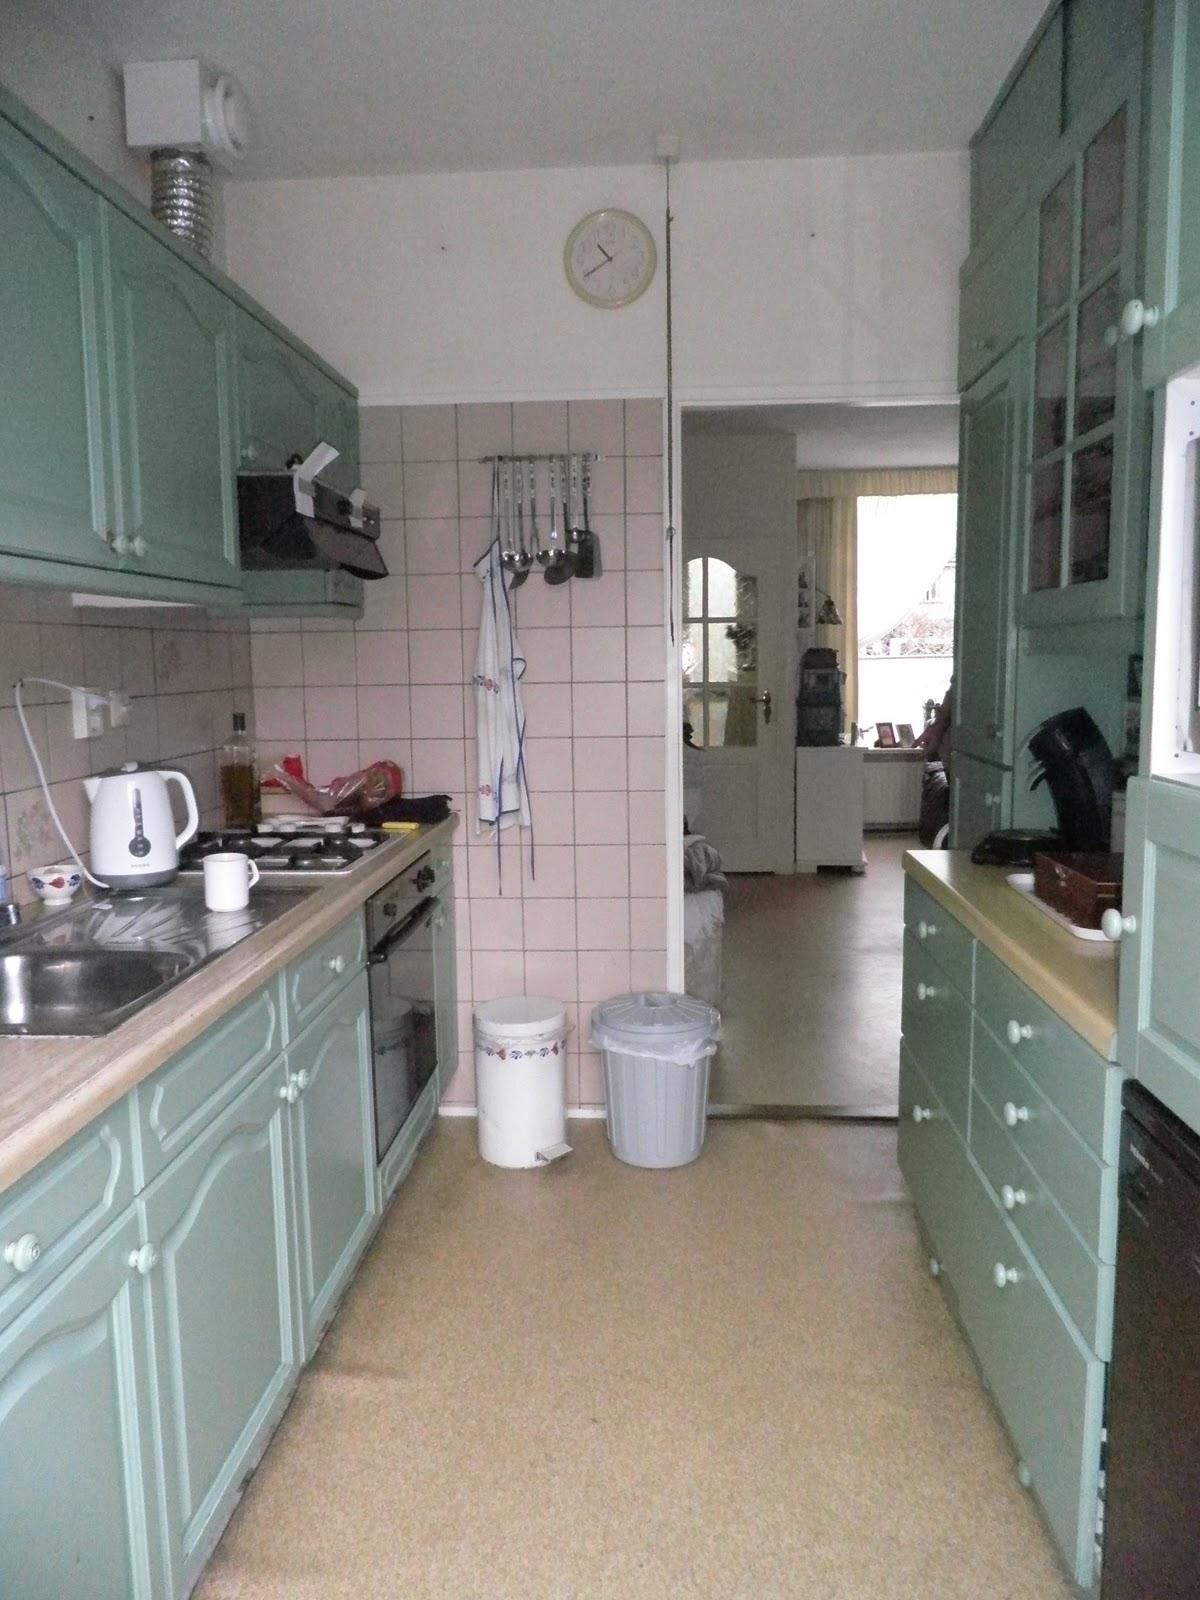 Bolusjes huis en honden oude keuken afbreken - Keuken in het oude huis ...